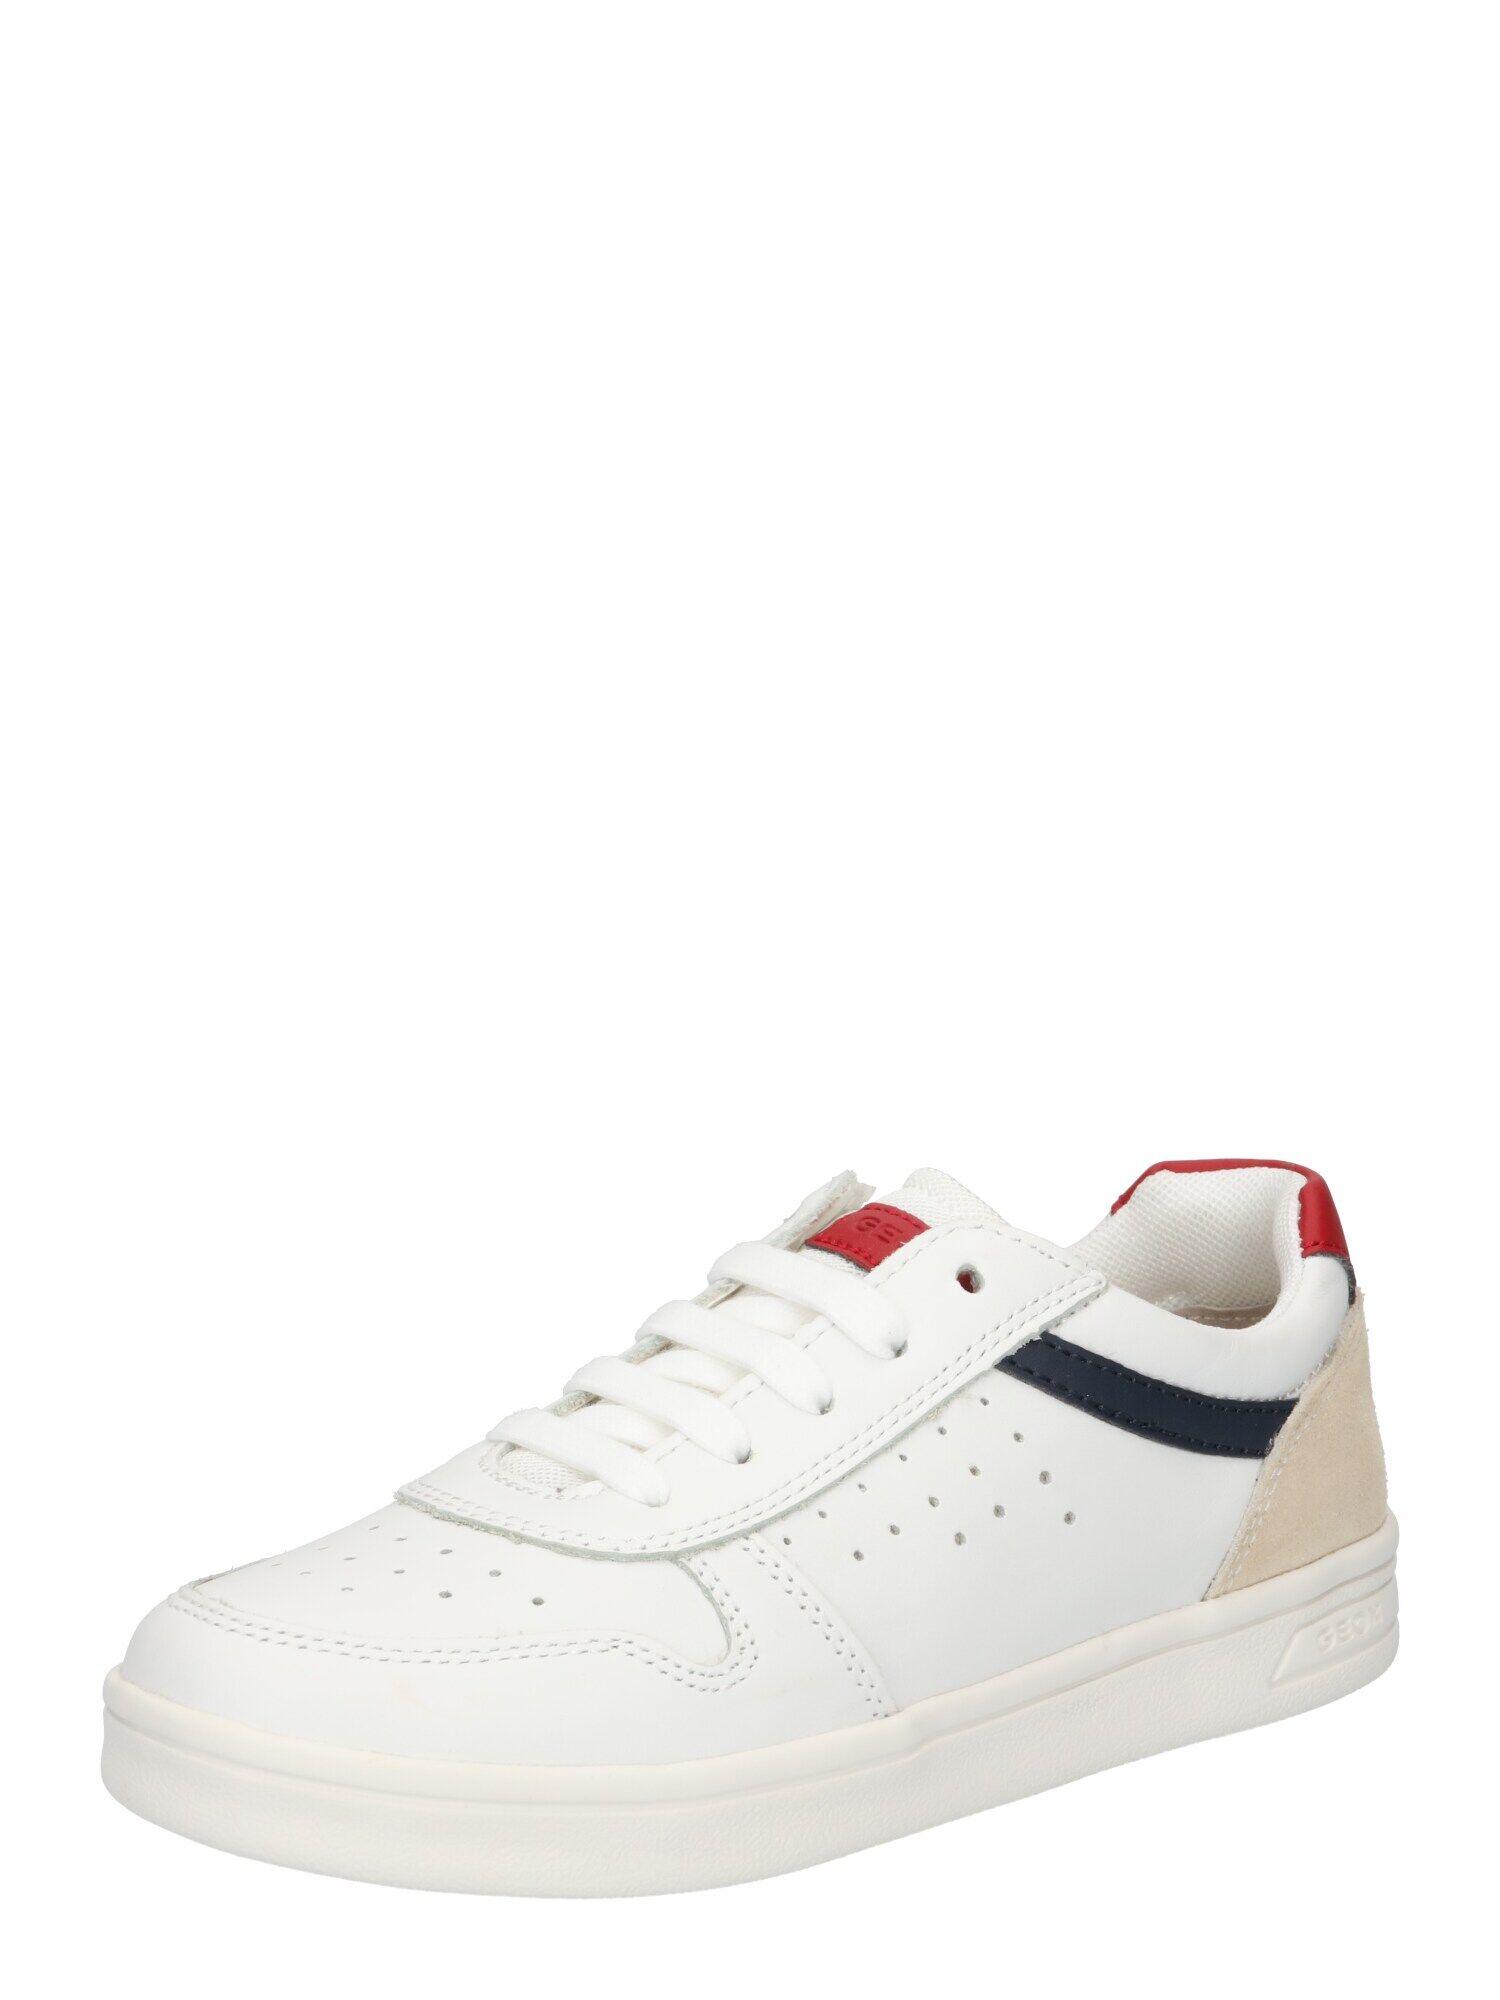 Geox Baskets 'DJROCK'  - Blanc - Taille: 31 - boy